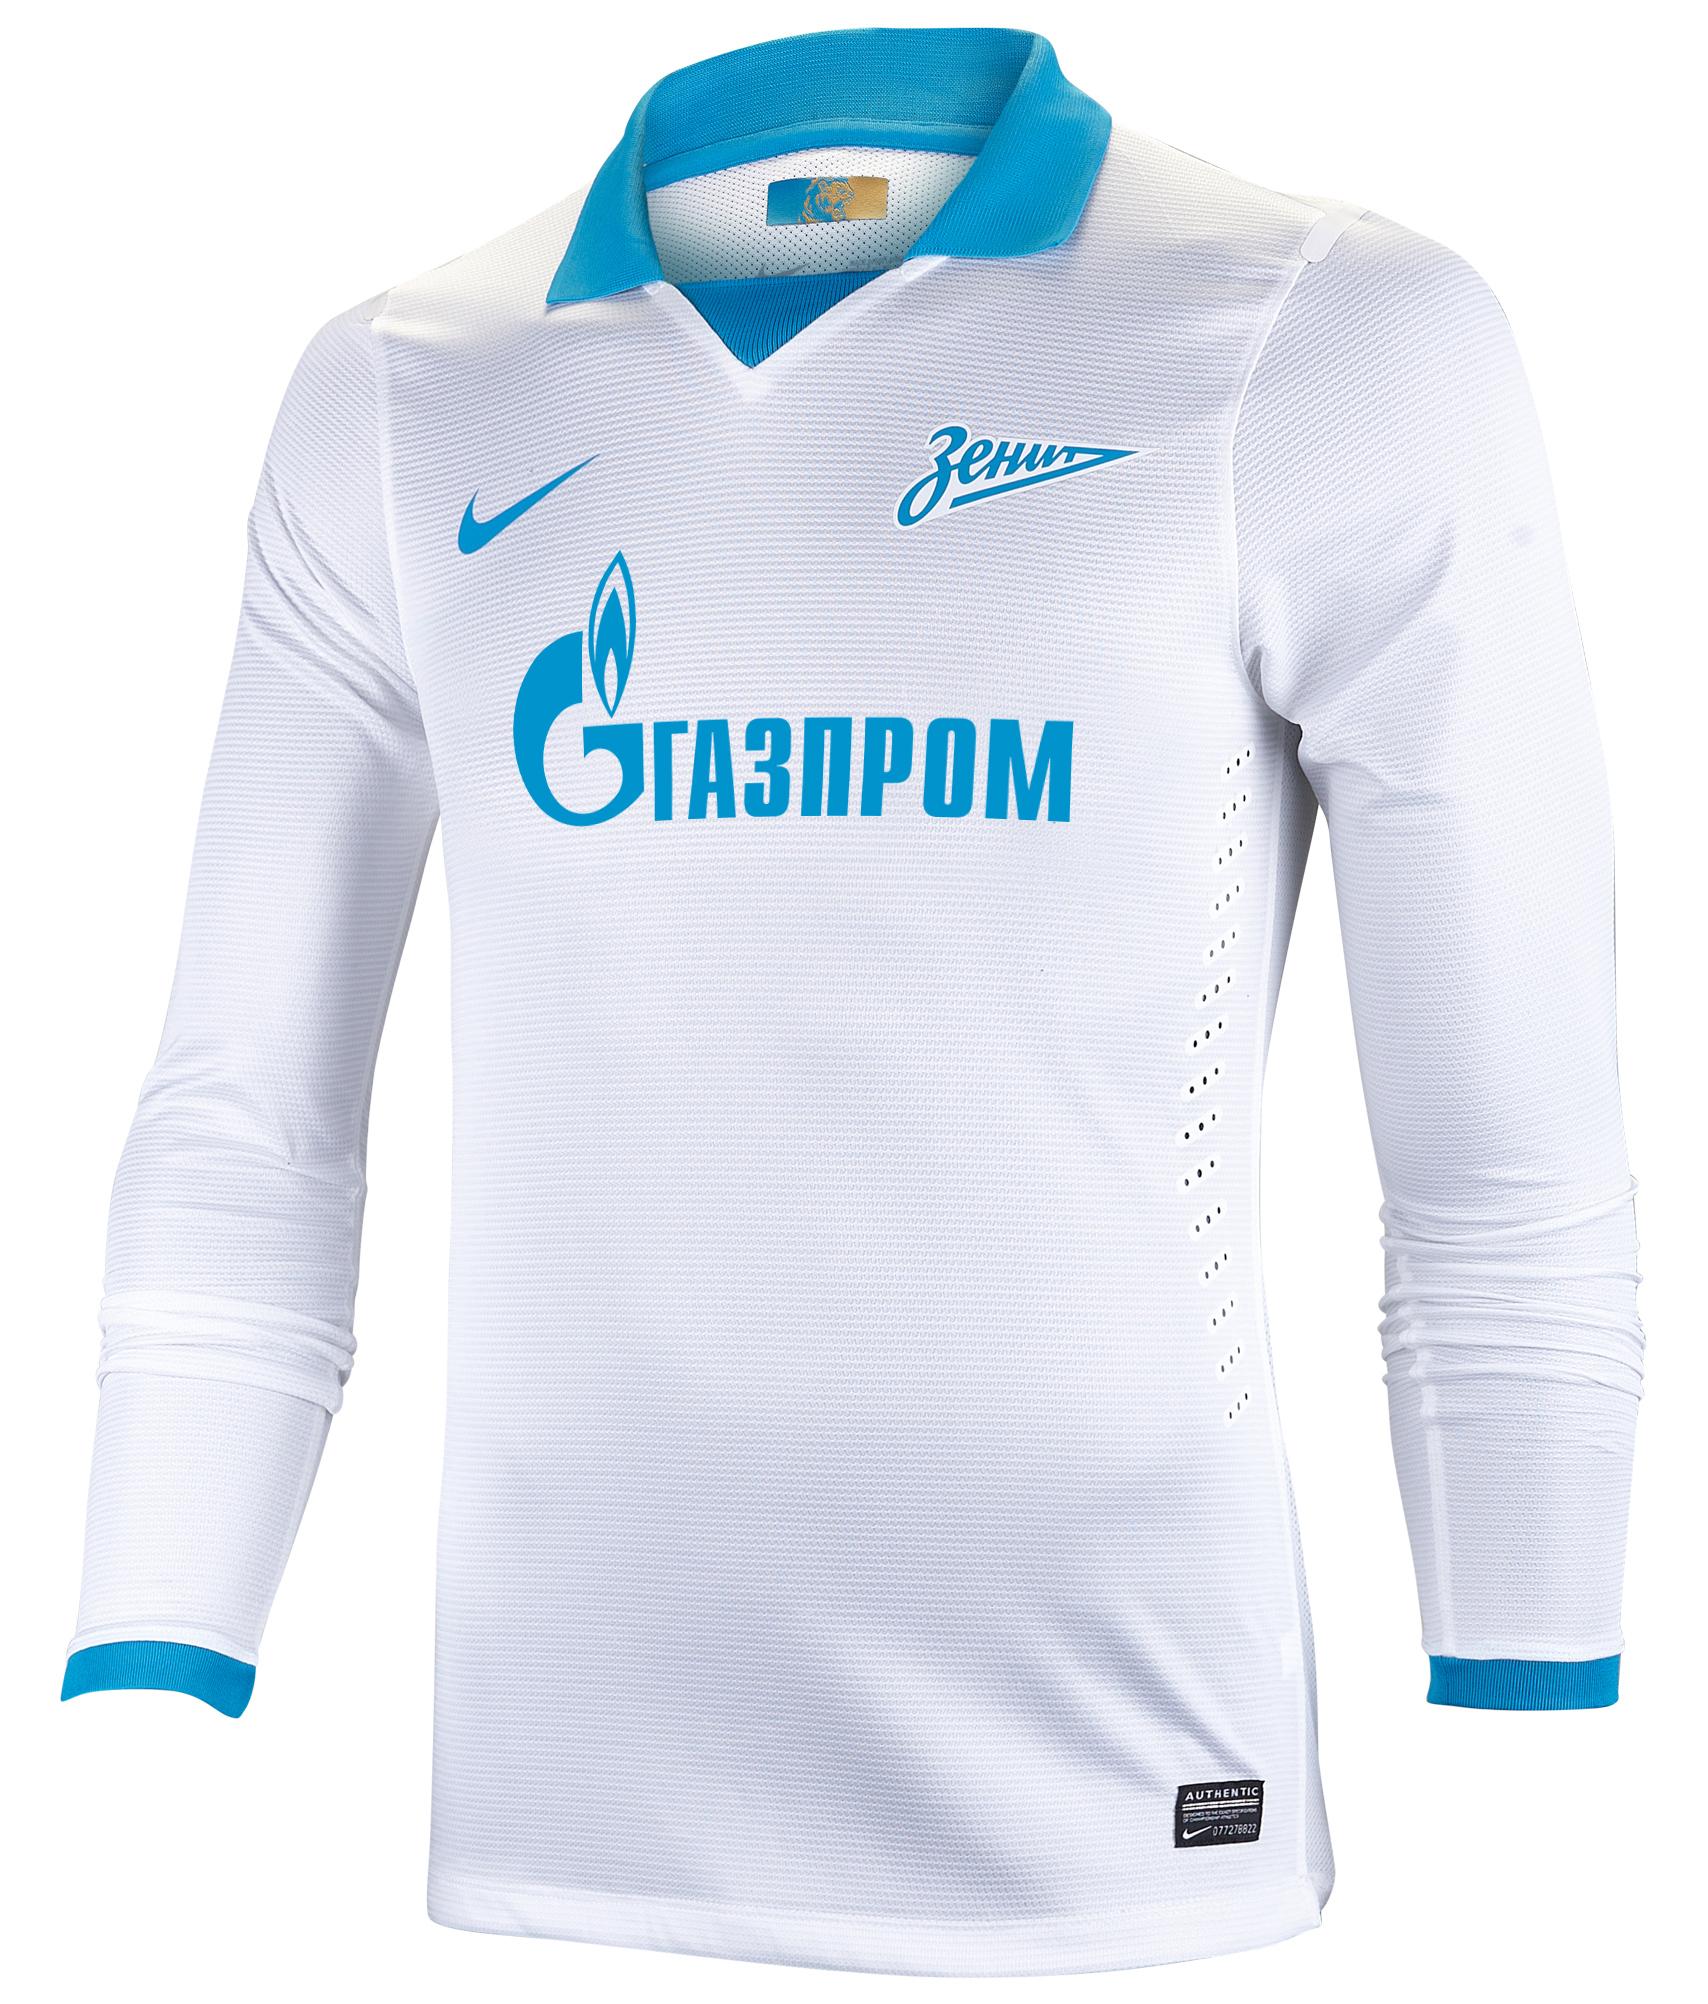 Оригинальная выездная футболка с длинным рукавом, Цвет-Белый, Размер-S